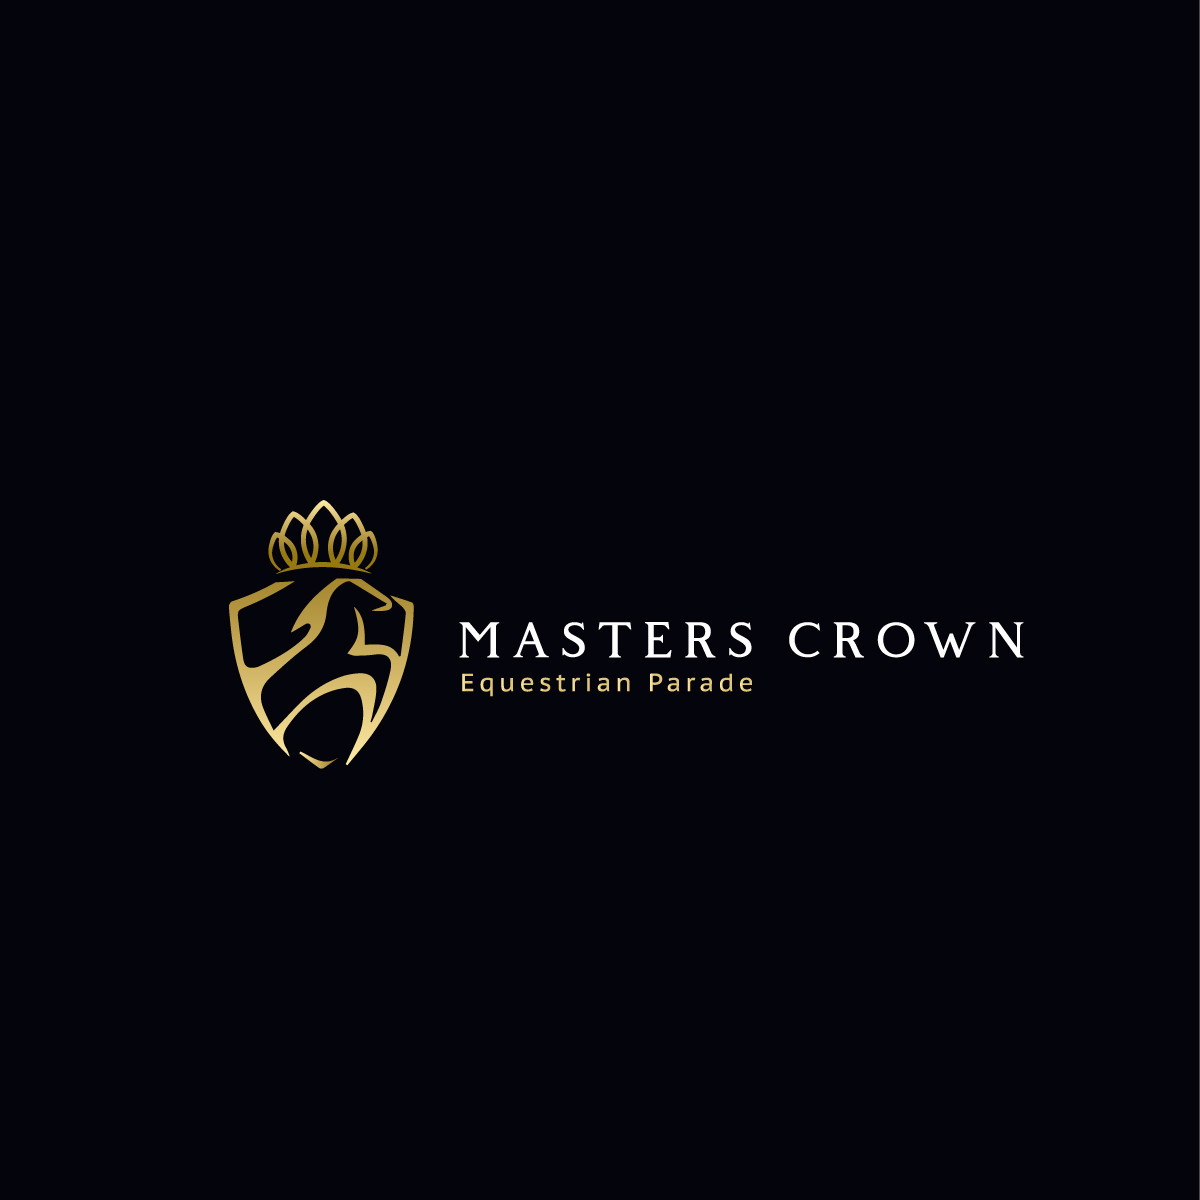 masters_crown